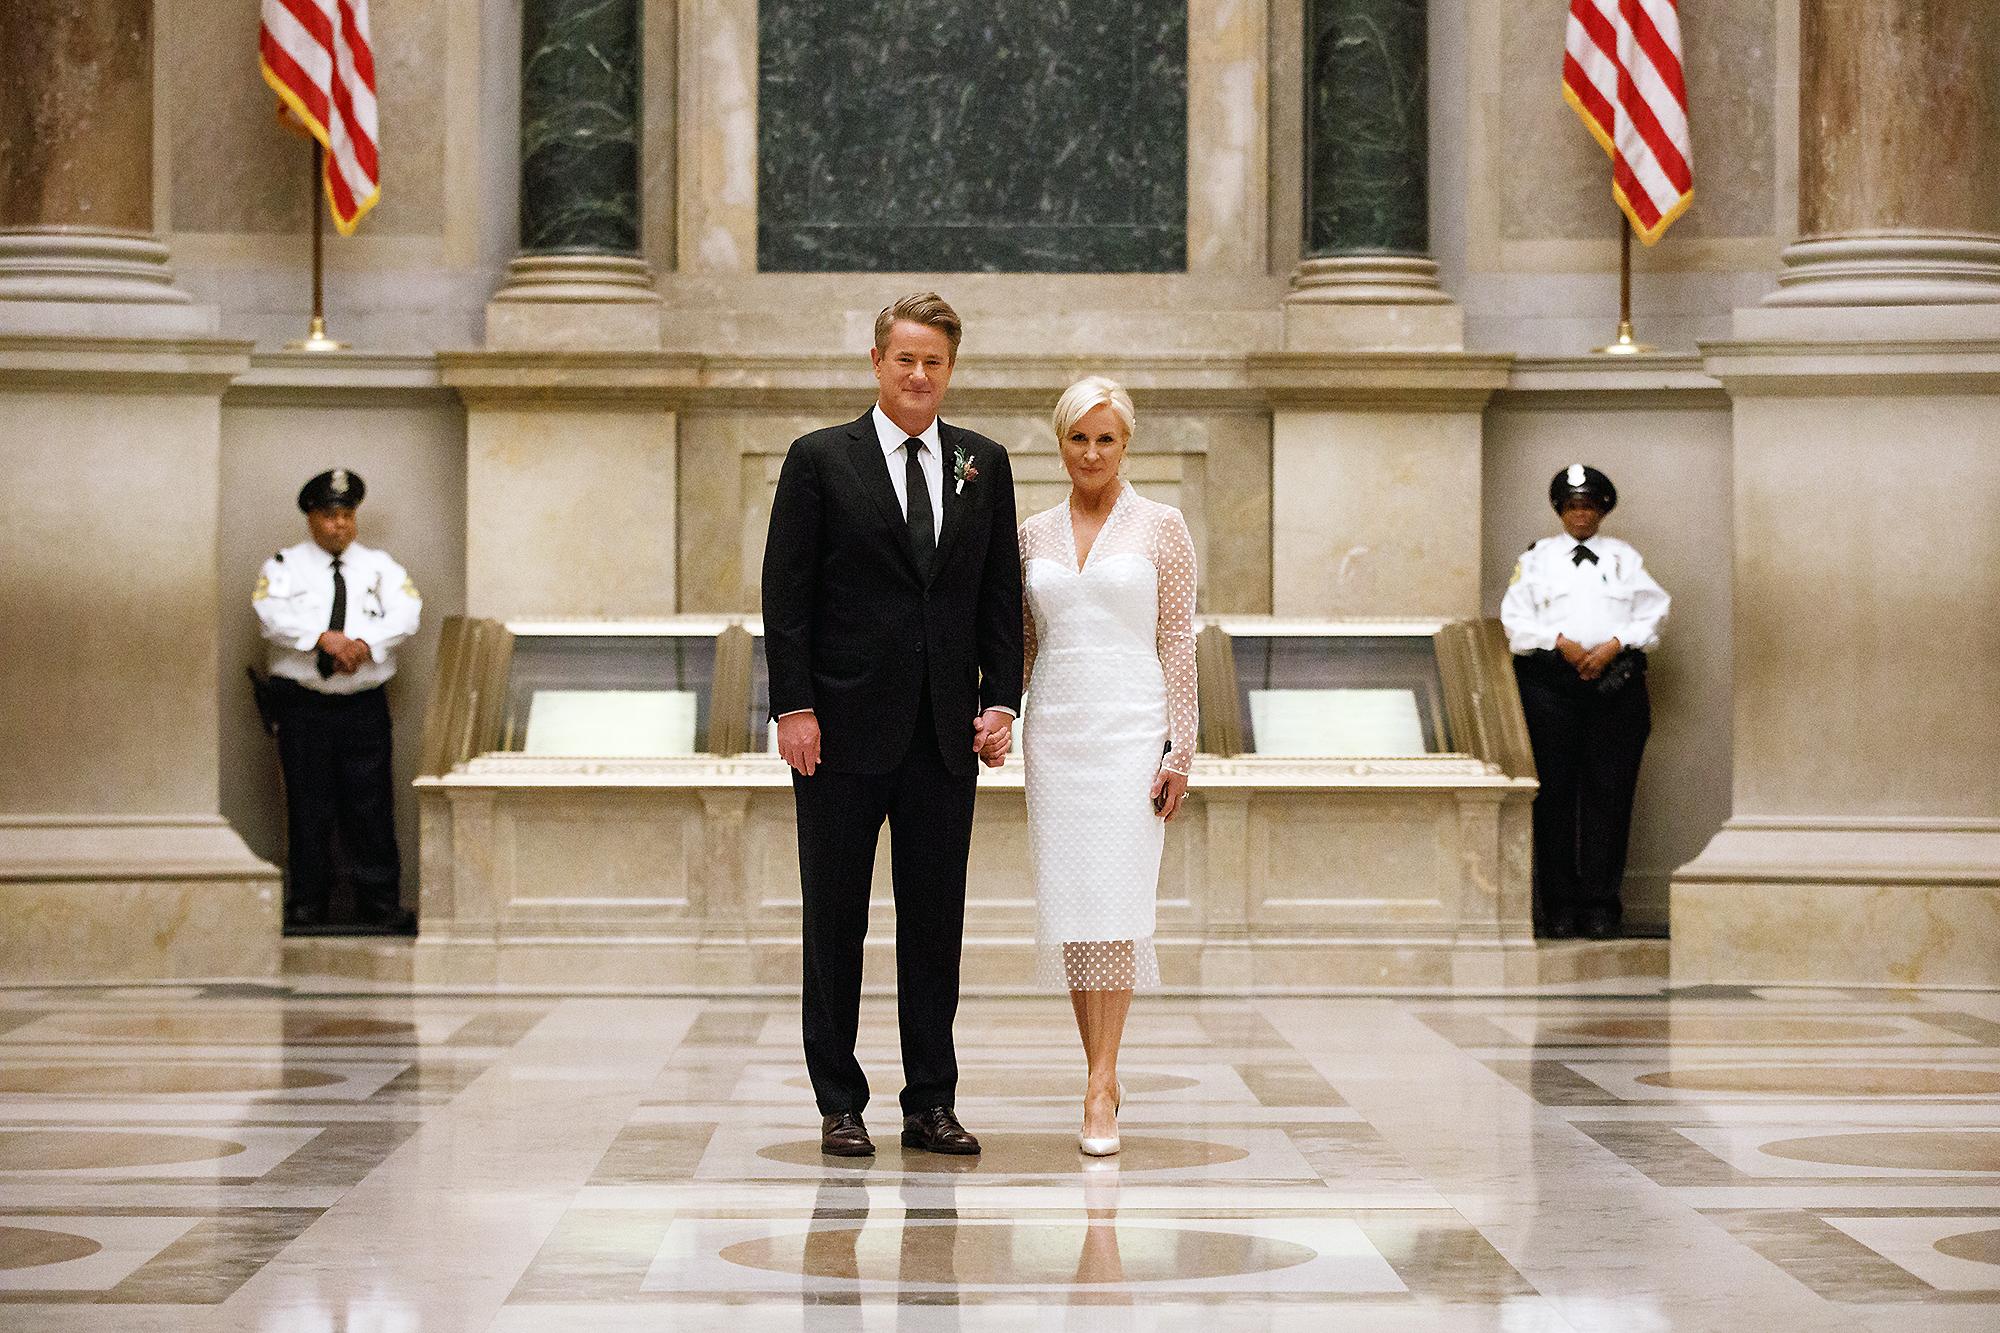 Joe Scarborough Mika Brzezinski Married